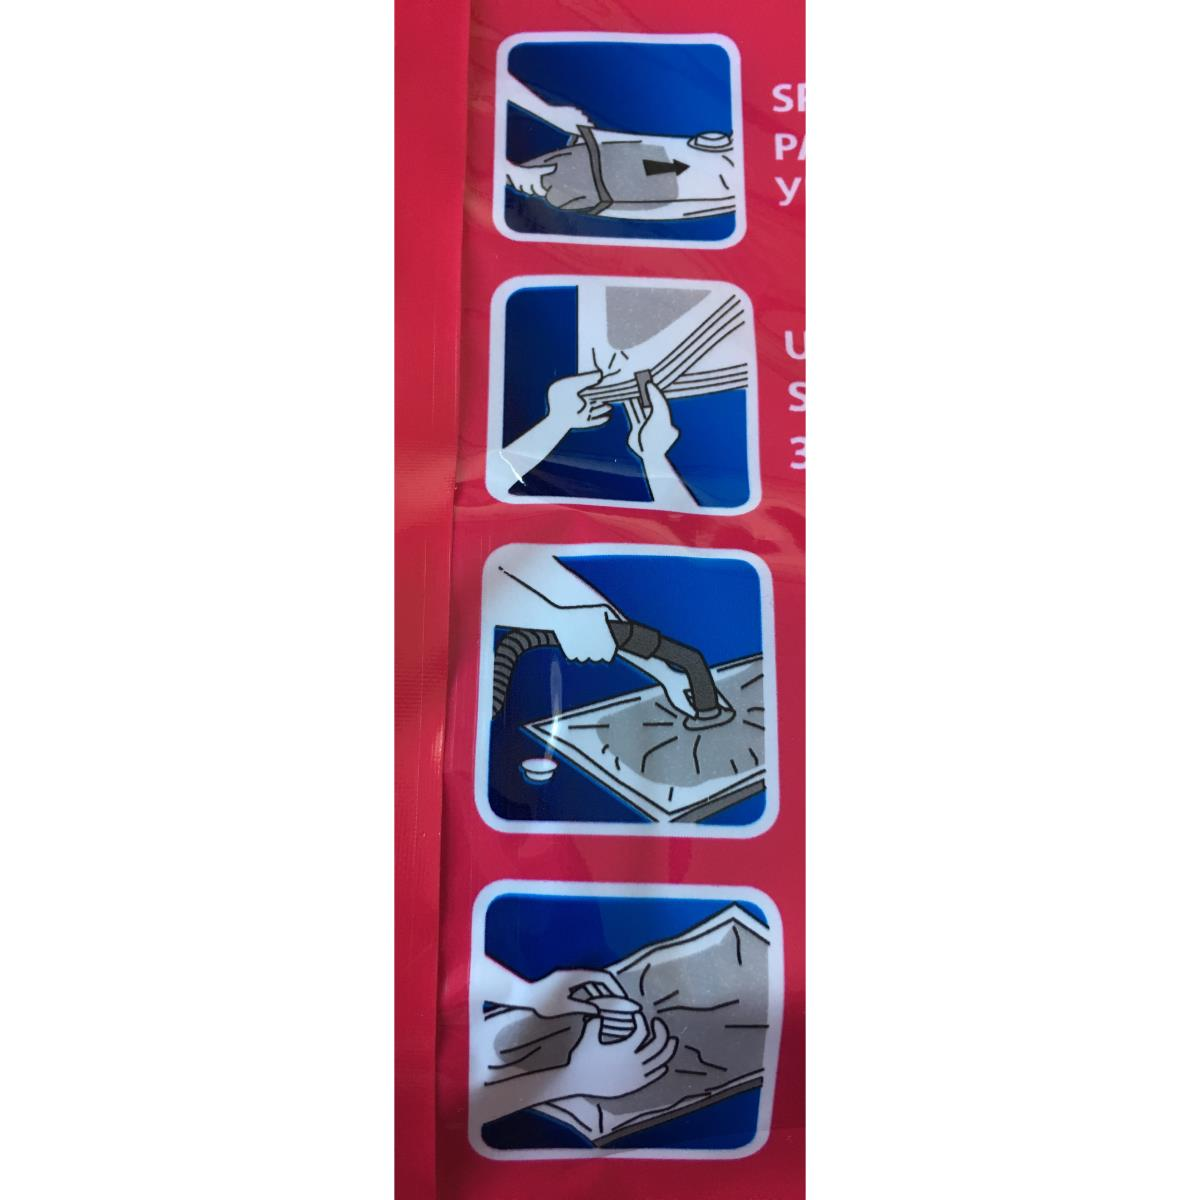 Vakuumbeutel Kleiderbeutel Vakuumtasche Vakuumtüte Aufbewahrung 60 x 70 x 34 cm,york,000051226077, 5903355058762